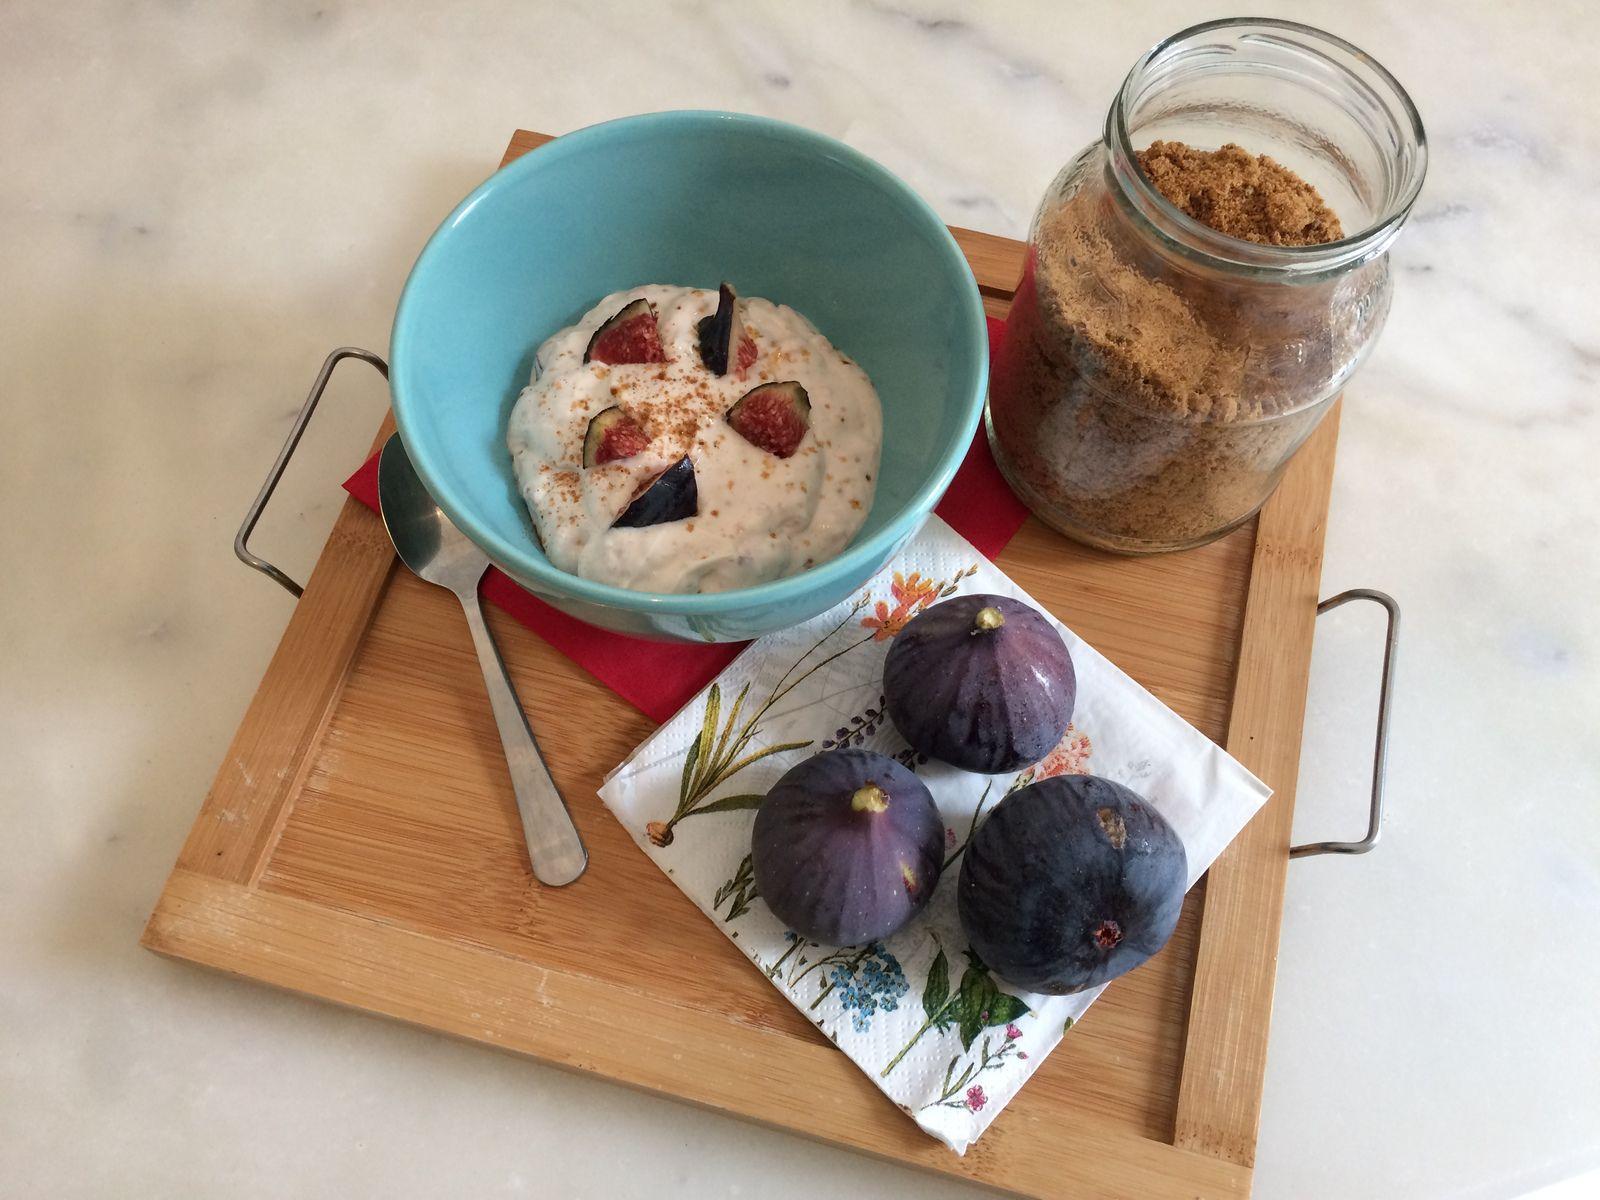 Il n'a plus qu'à mélanger le tout et à rajouter une ou deux autres figues coupées en morceaux, pour un encas sain et gourmand aux belles saveurs d'automne !